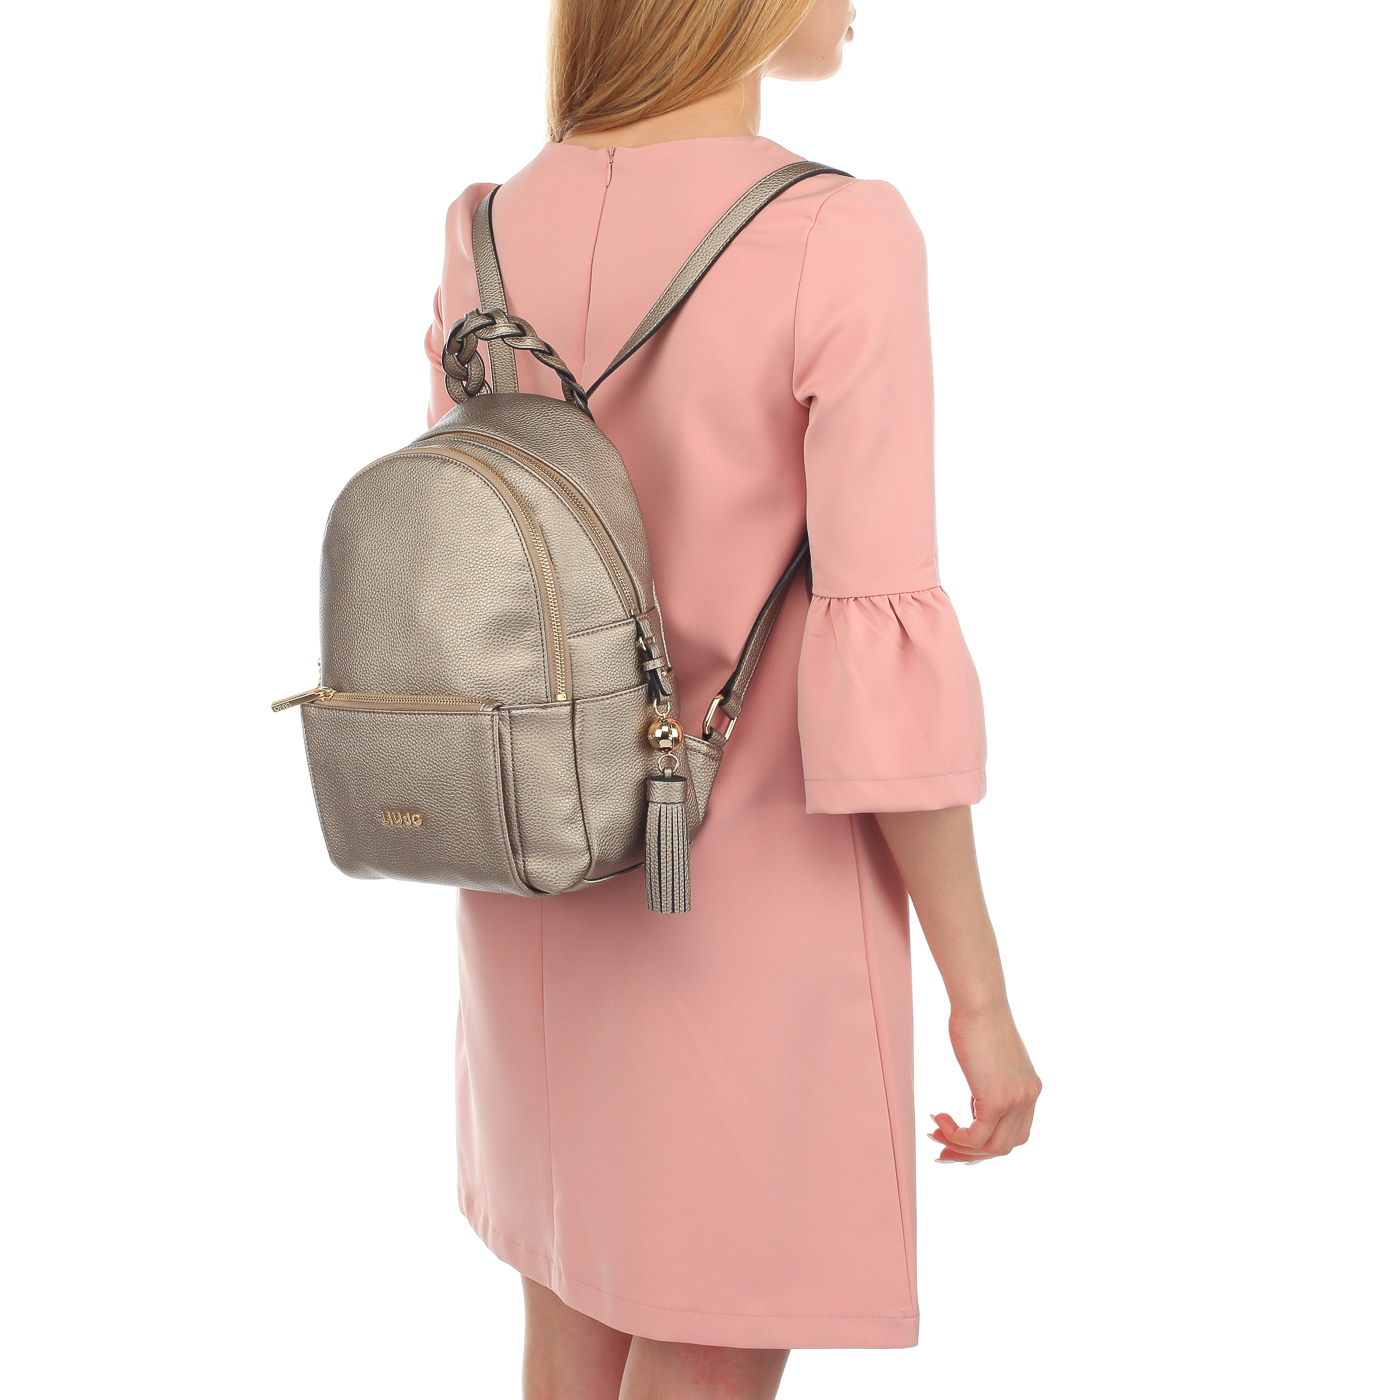 6d540dc19369 Женский металлизированный рюкзак Liu Jo Arizona Женский металлизированный рюкзак  Liu Jo Arizona ...